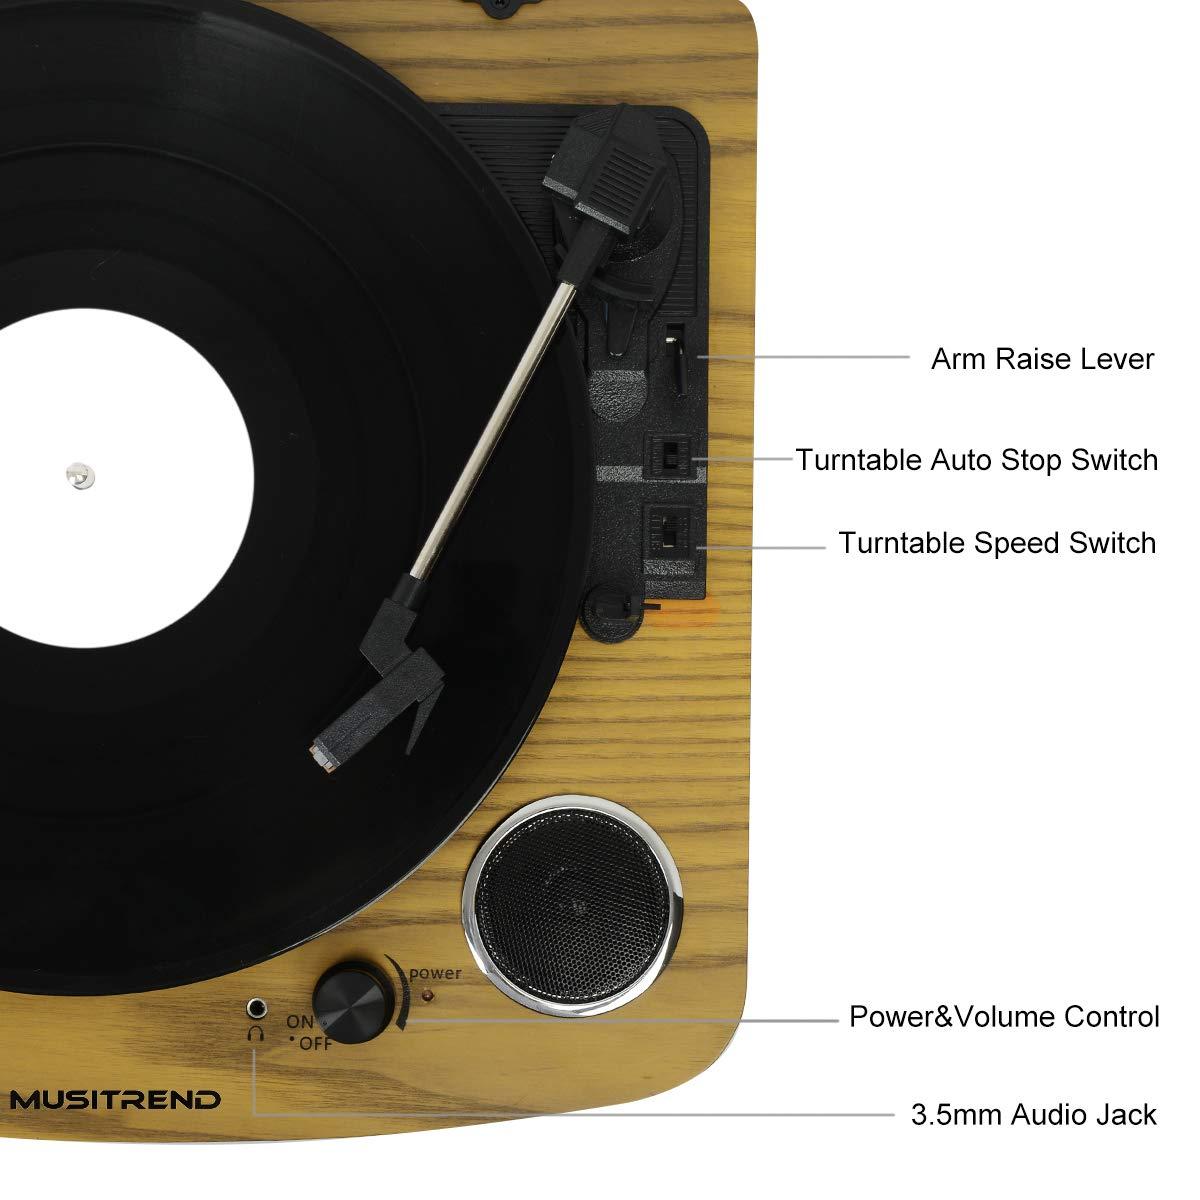 MUSITREND Tocadiscos Tres Velocidad 33/45/78 con Altavoz EstéReo Integrado Puerto De Conector RCA Soporte éLectrophone De GrabacióN MP3 Hecho De ...